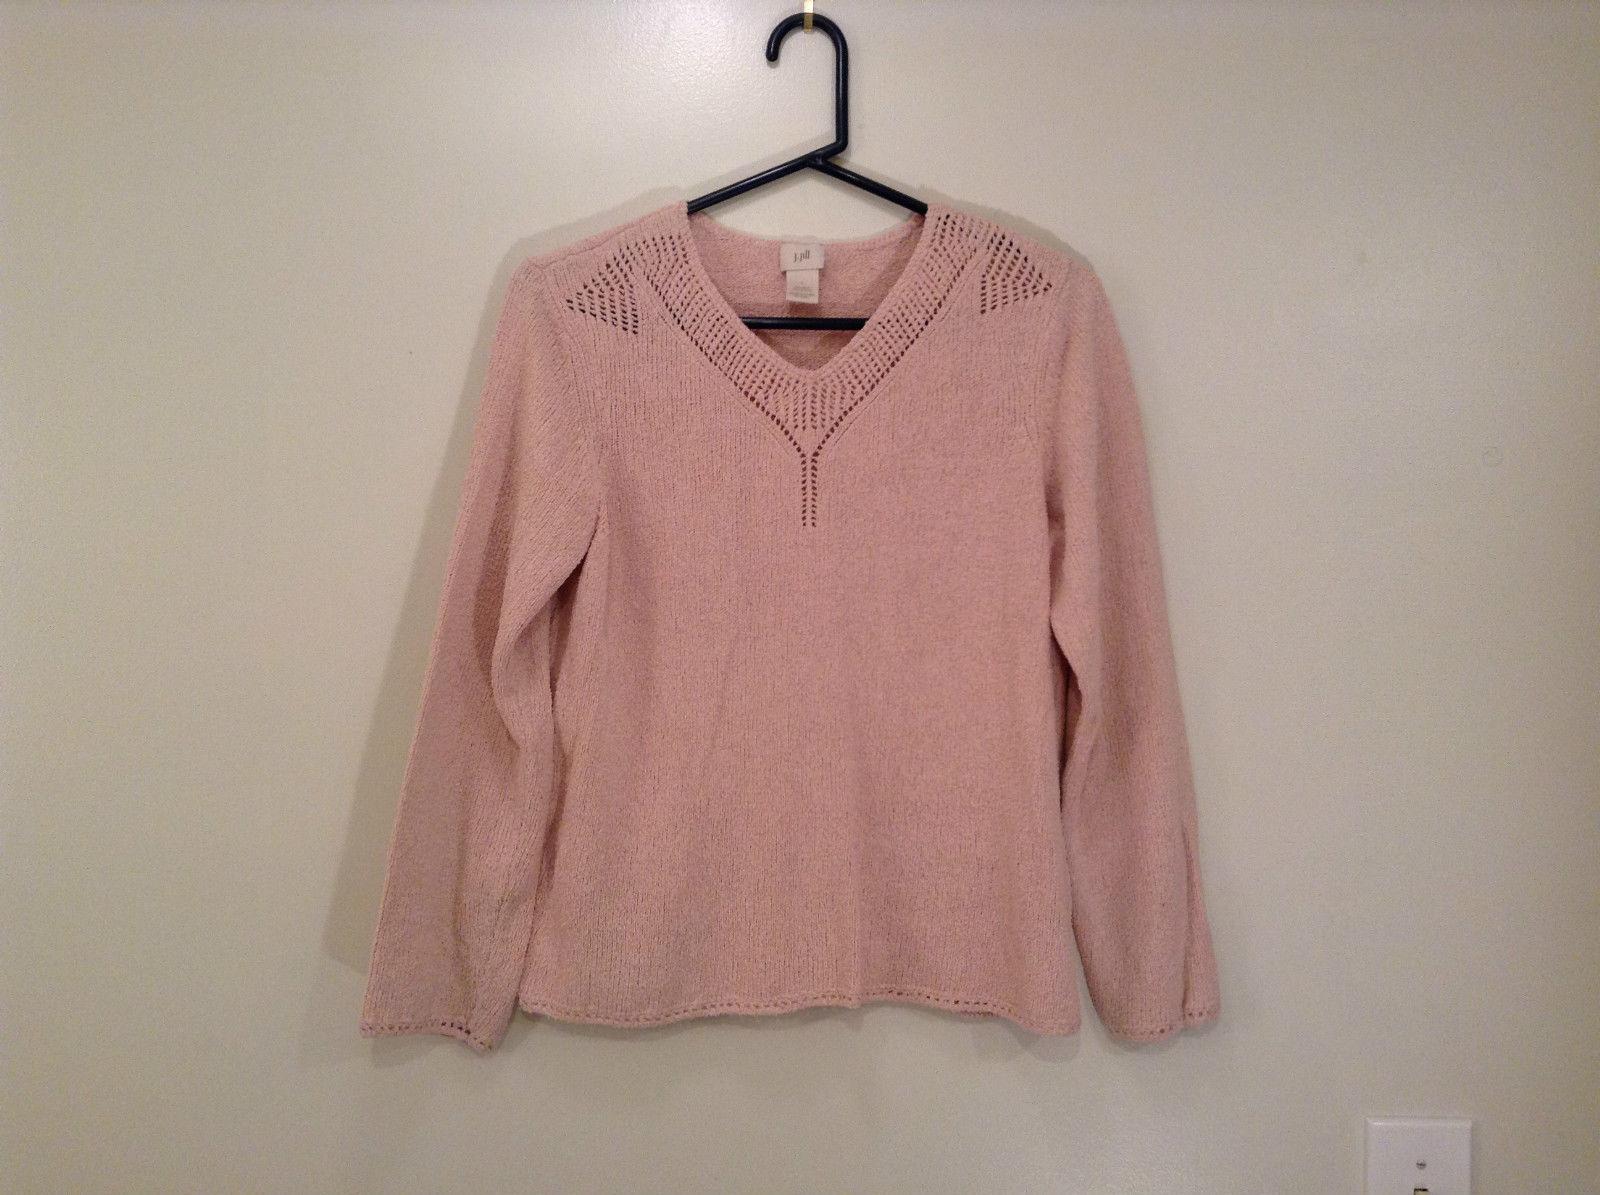 Light Dusty Pink V Neck Sweater Size Large J Jill Decorative Knitting on Neck